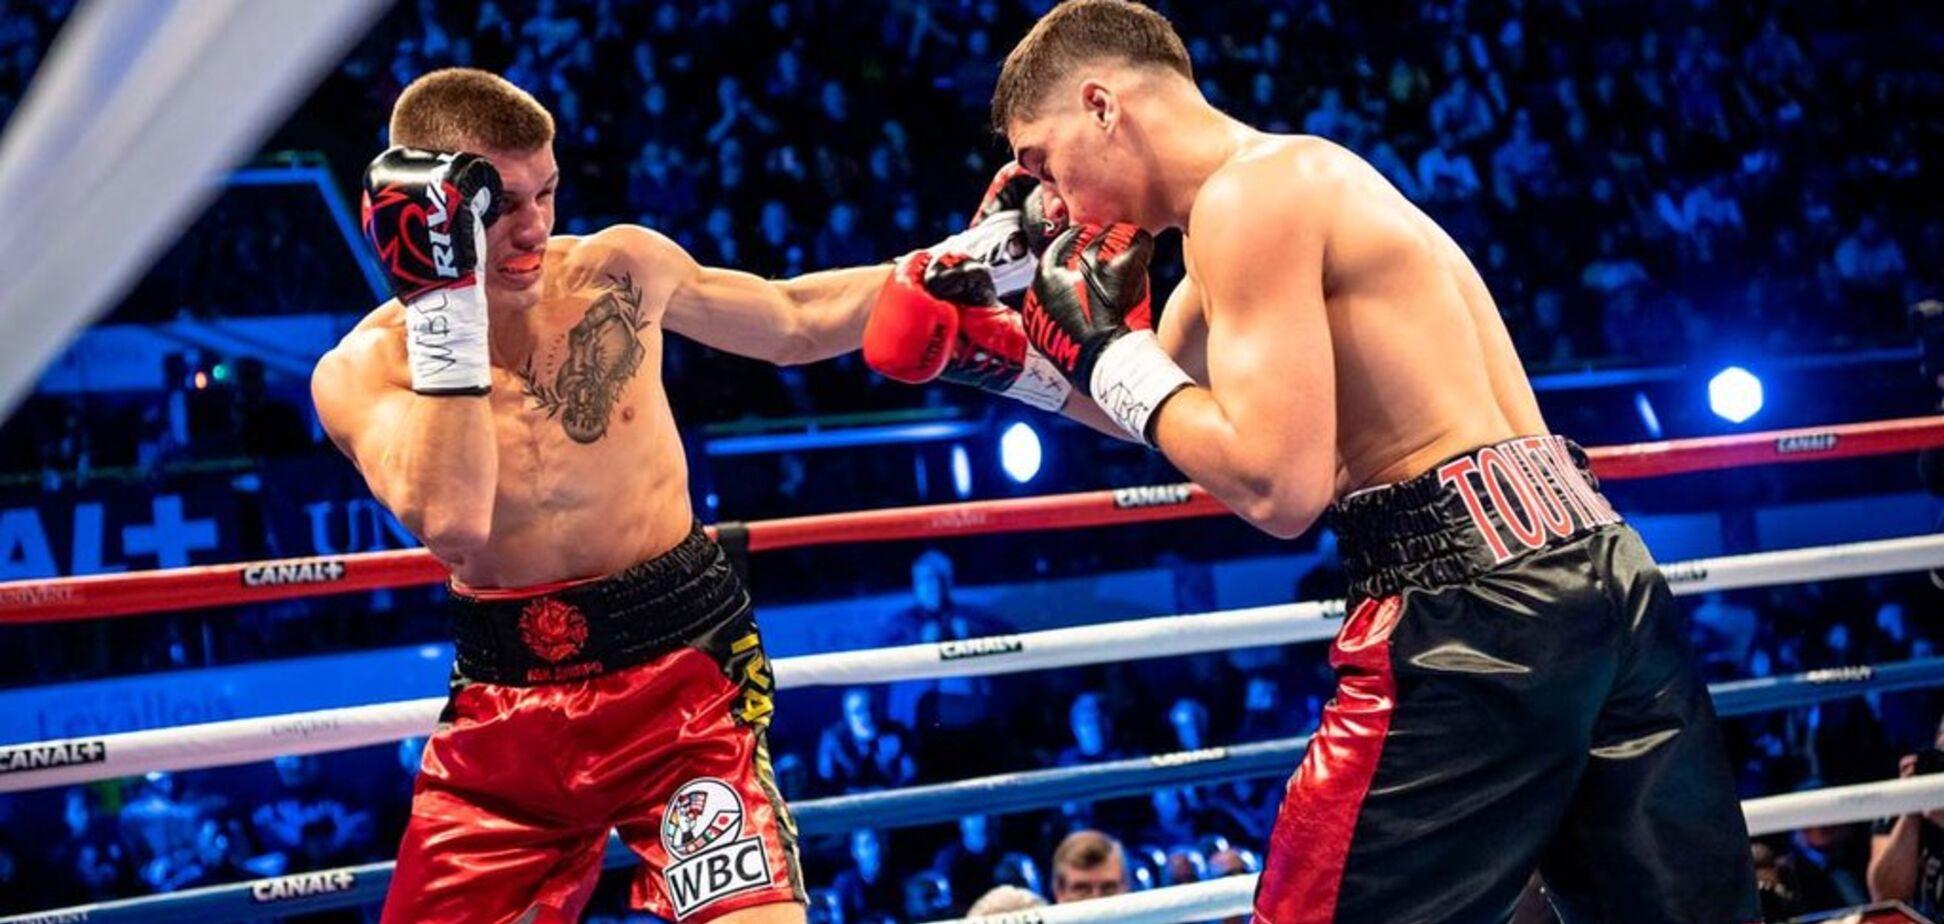 Український боксер нокаутував непереможного суперника і сенсаційно став чемпіоном світу